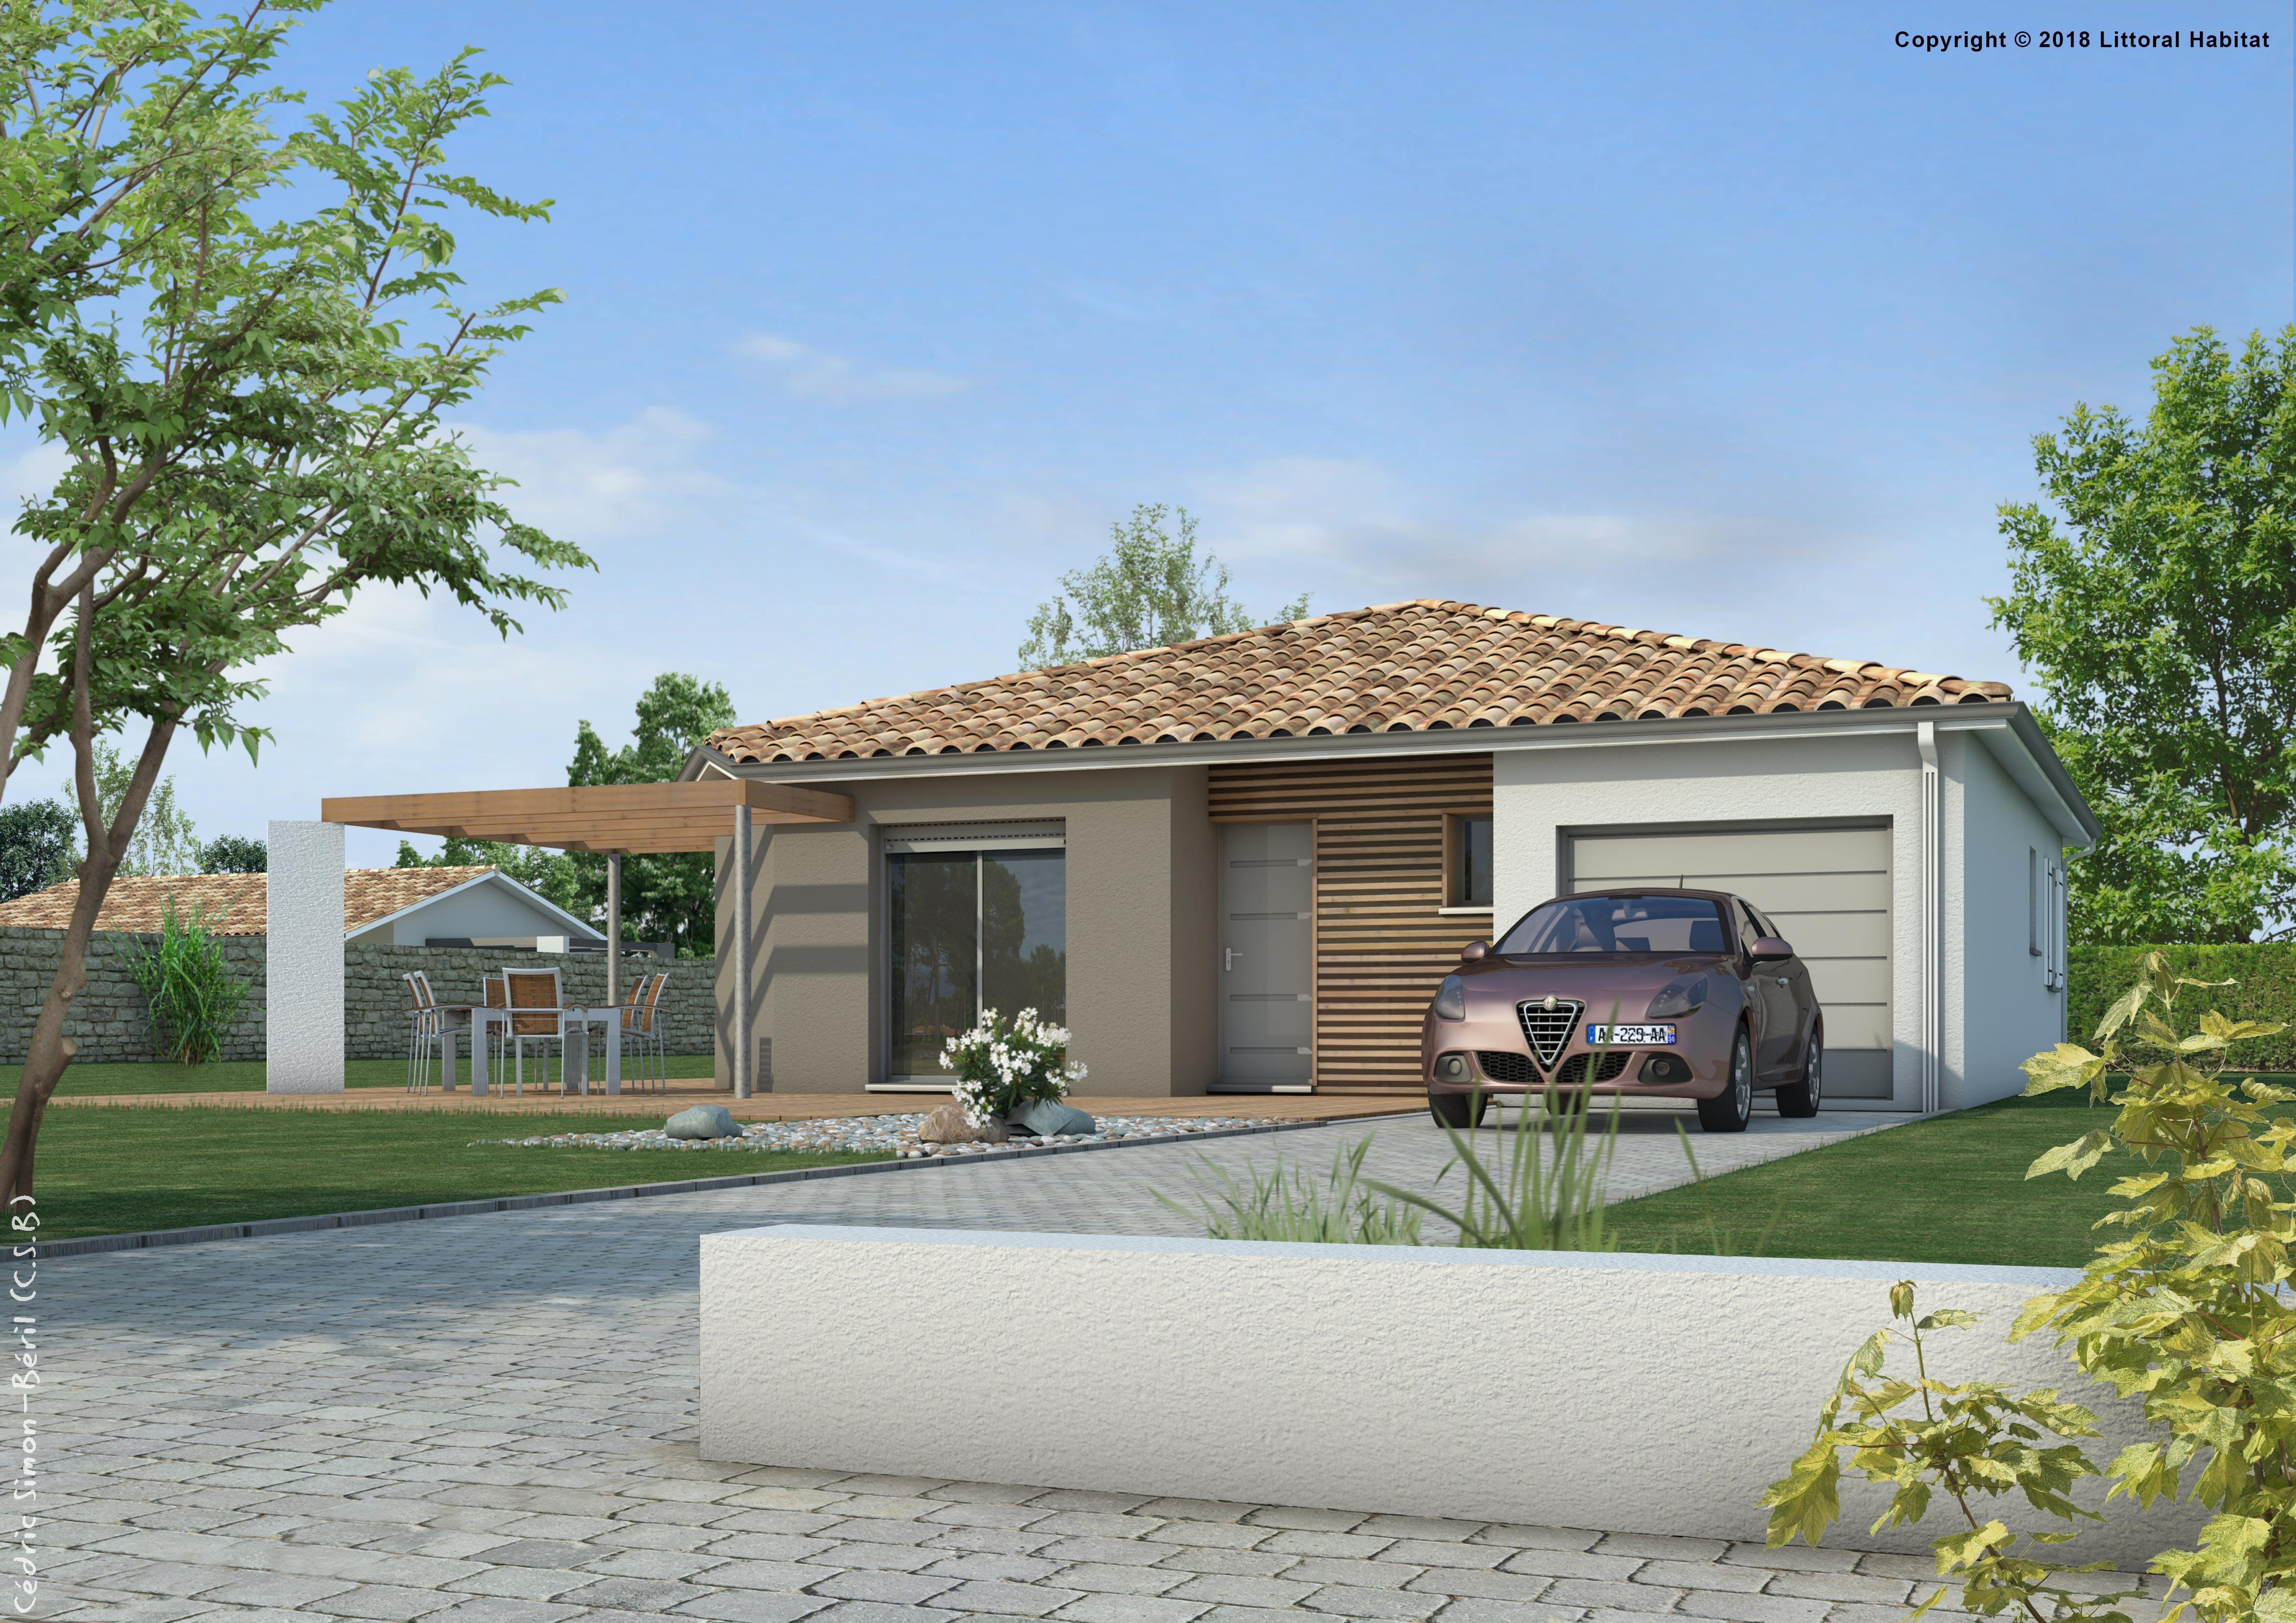 Maisons + Terrains du constructeur LITTORAL HABITAT DAX • 80 m² • TERCIS LES BAINS